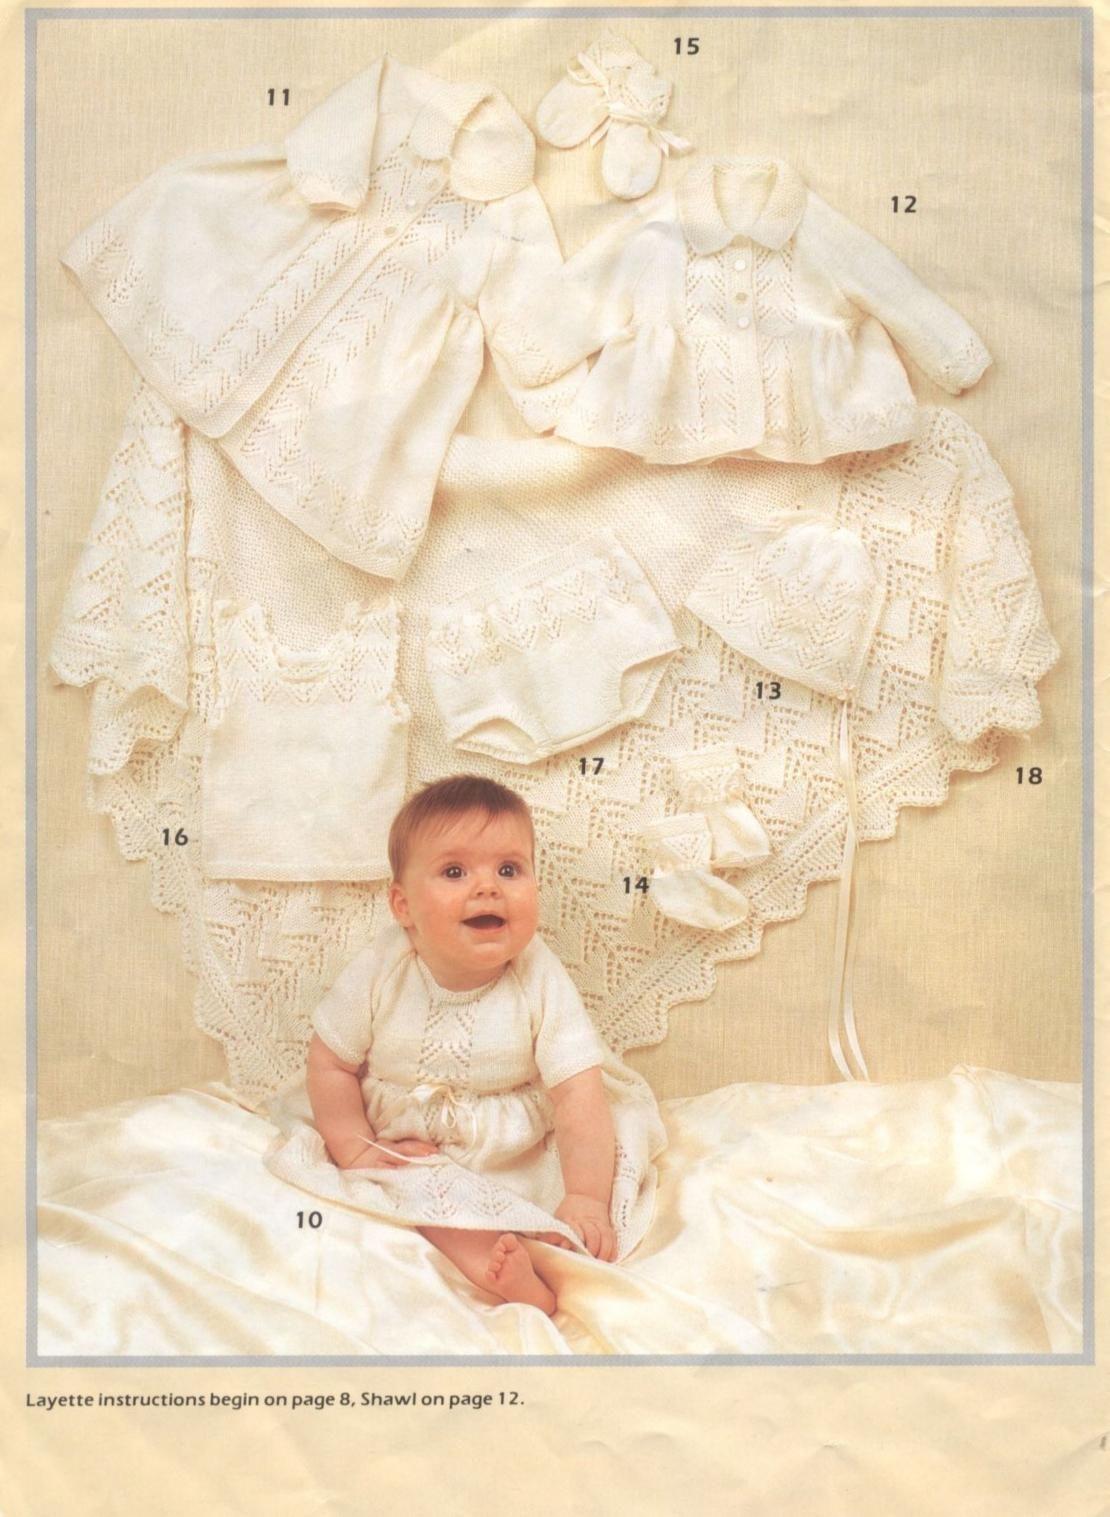 Patons 700 Layettes You ll Love | Bimbi | Pinterest | Layette, Baby ...